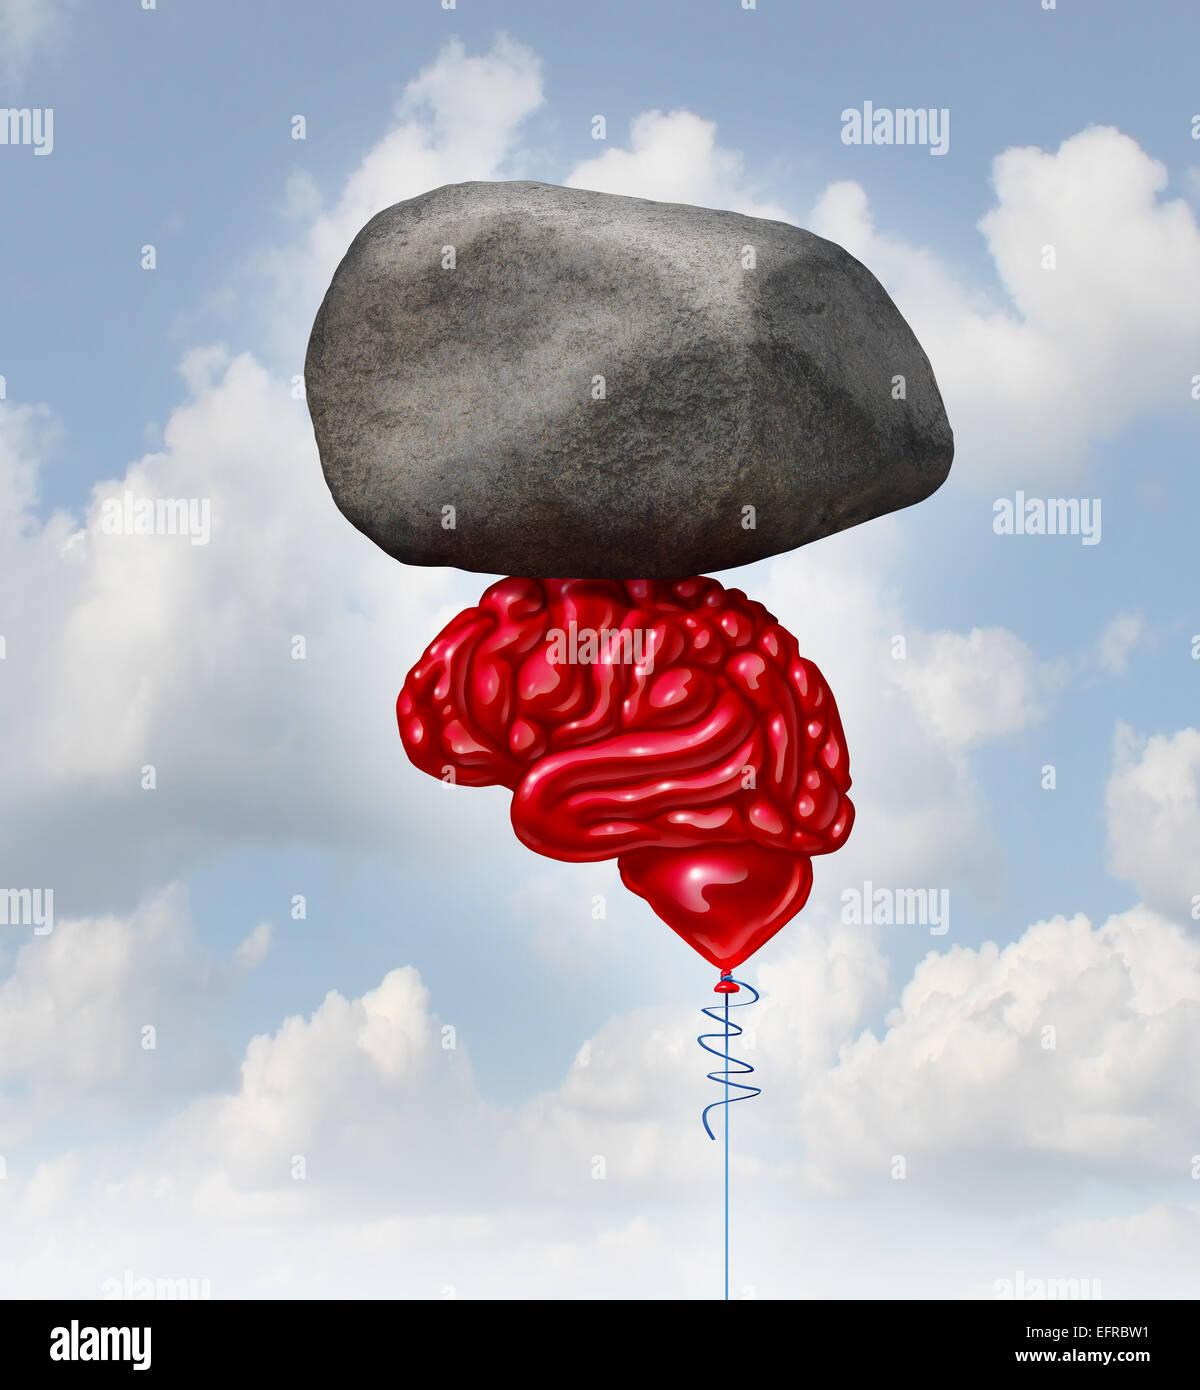 Brain power concept comme un ballon rouge en forme d'un organe de la pensée humaine en soulevant une lourde Photo Stock